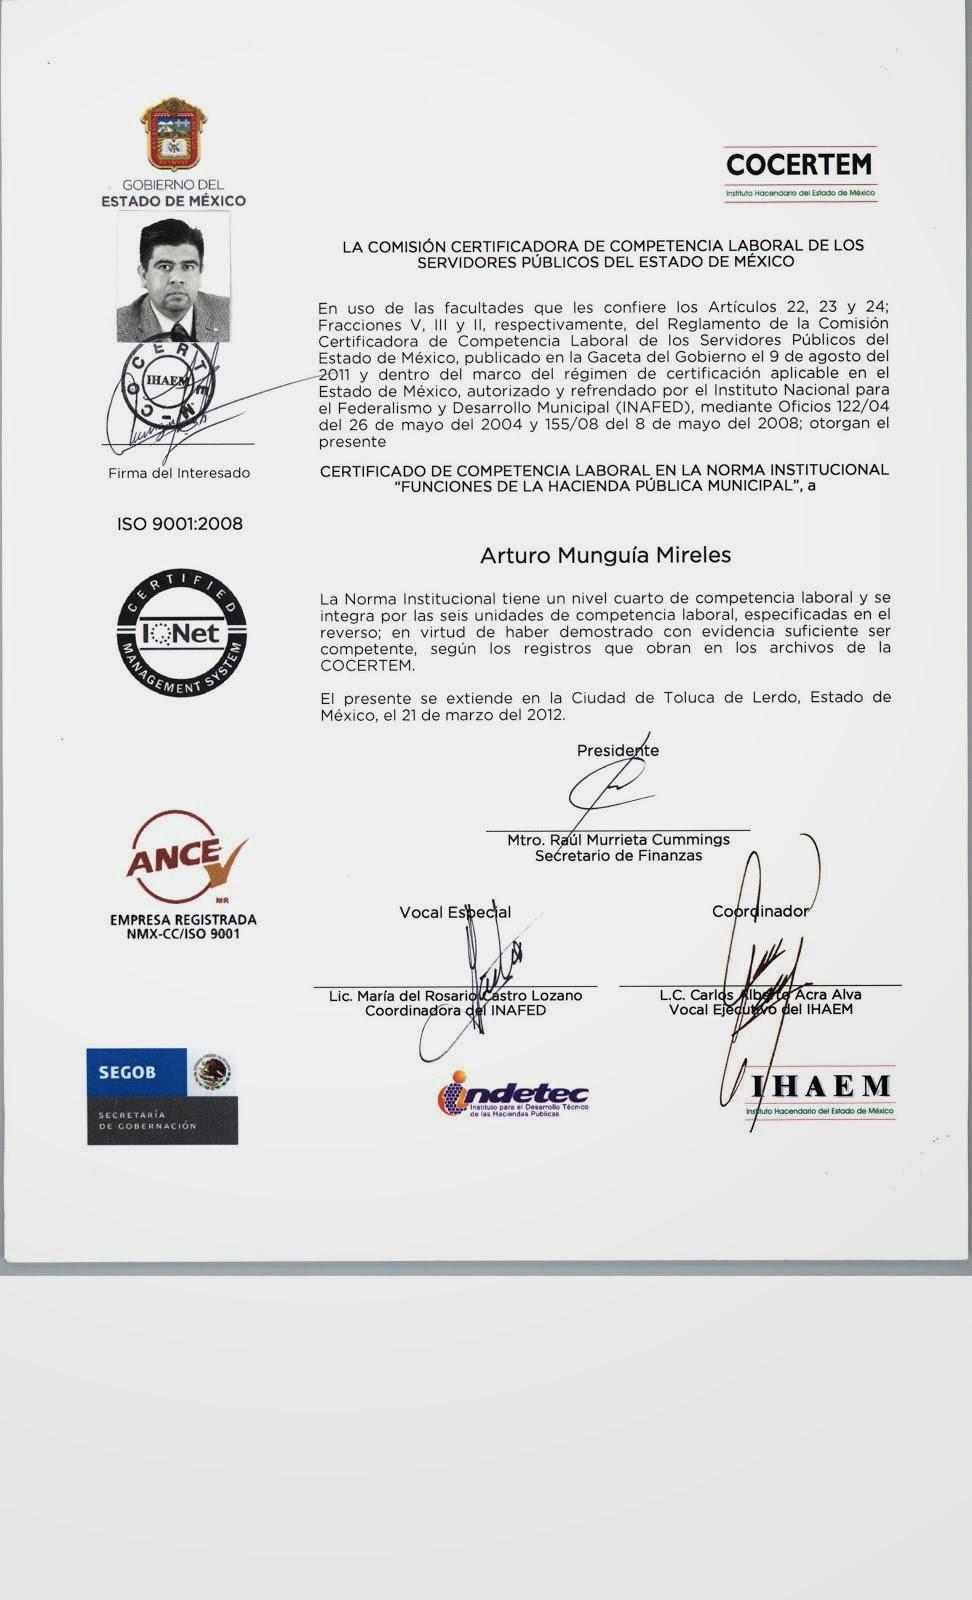 Certificado en Competencia Laboral en Funciones de Hacienda Publica Municipal